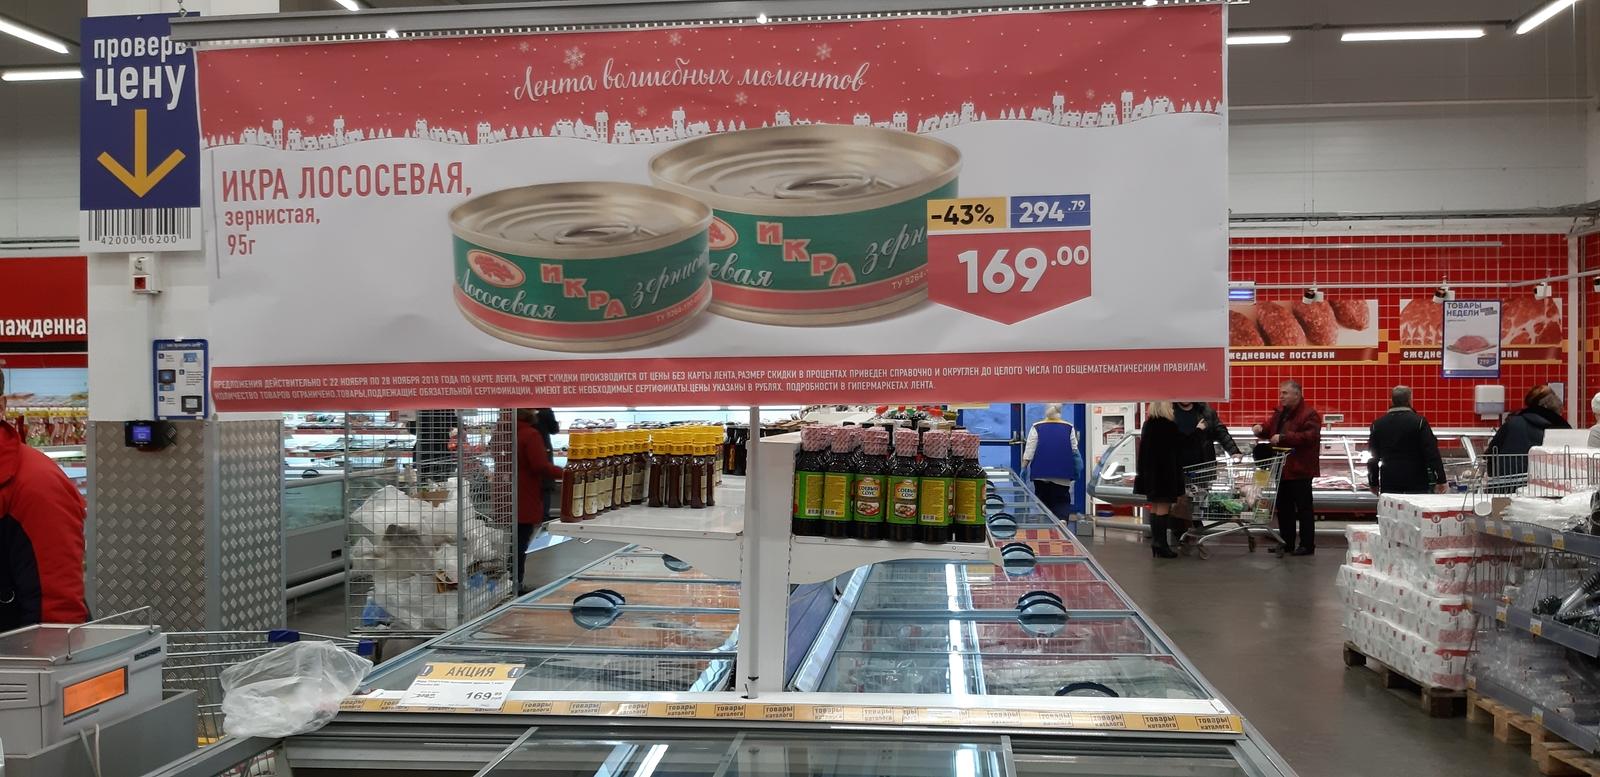 Купить сигареты в ленте новосибирск электронные сигареты купить в санкт петербурге доставка